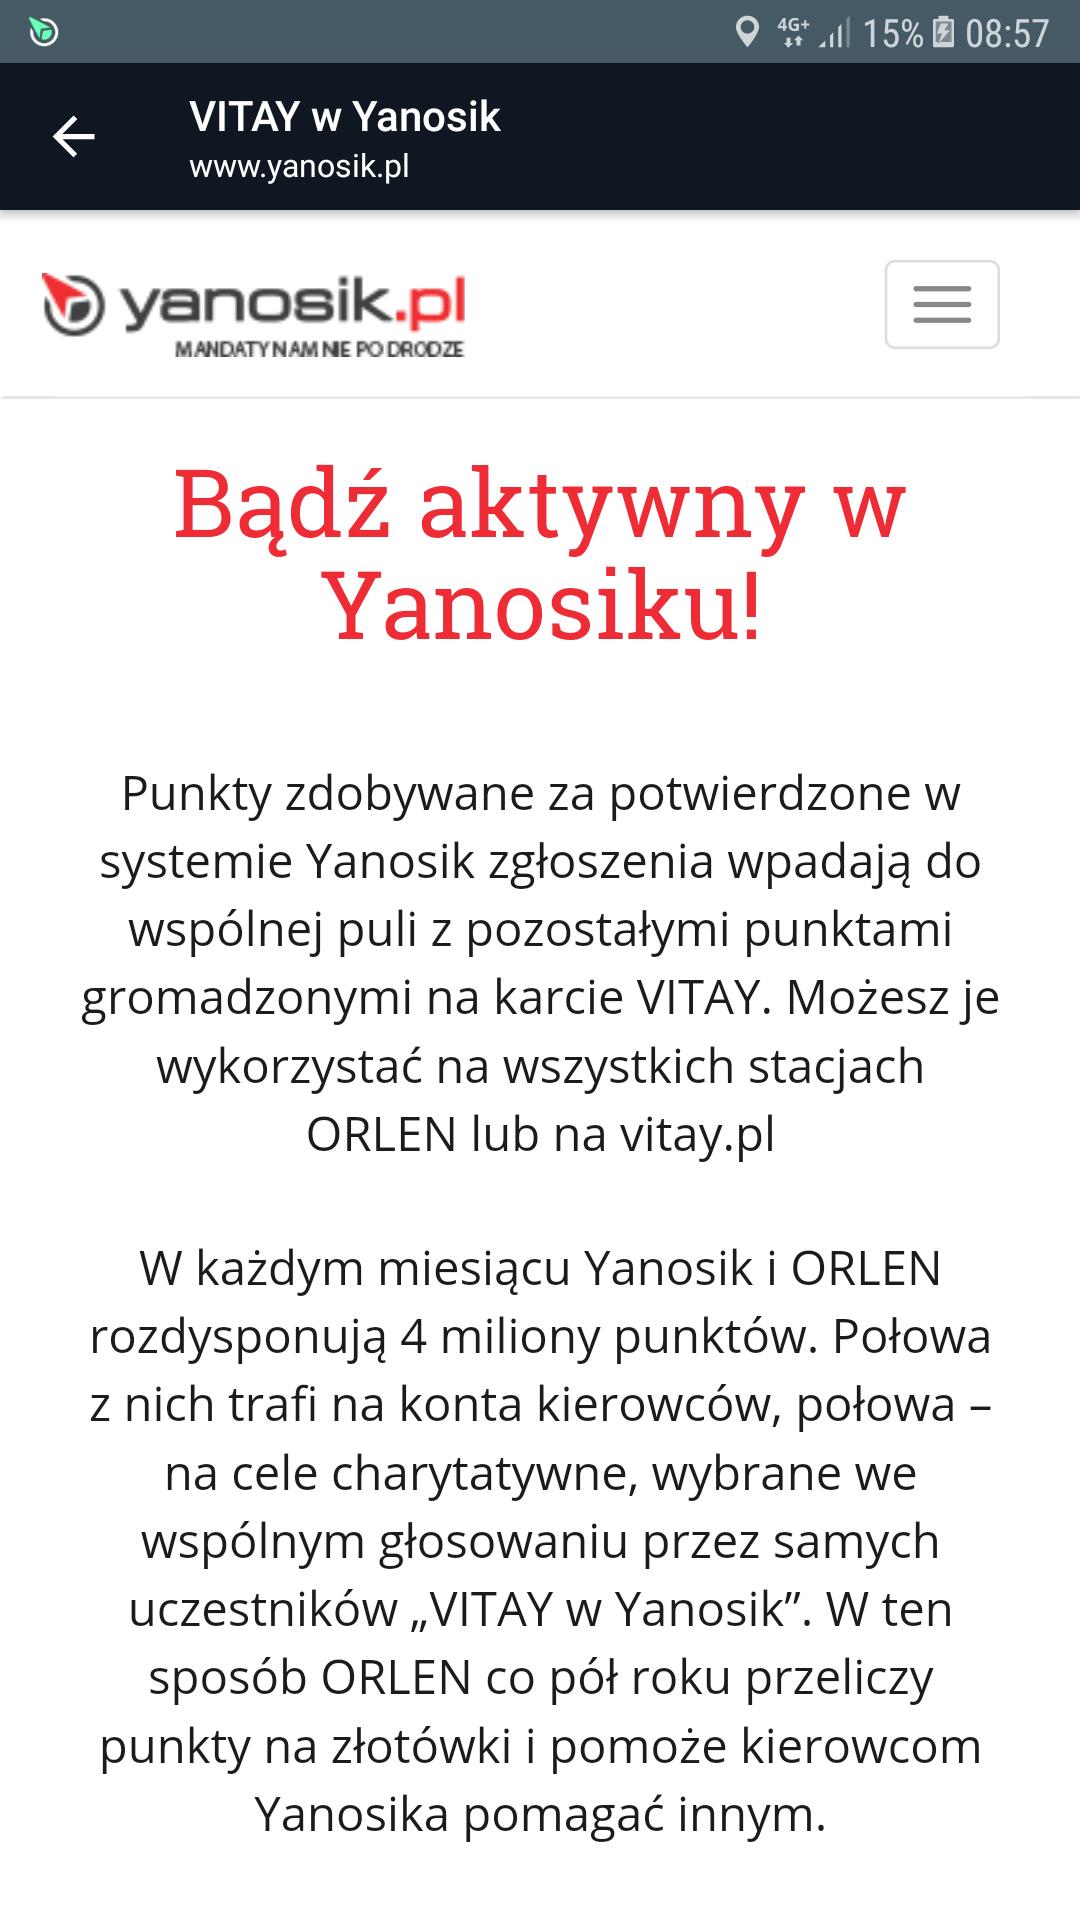 Punkty Vitay w Yanosiku